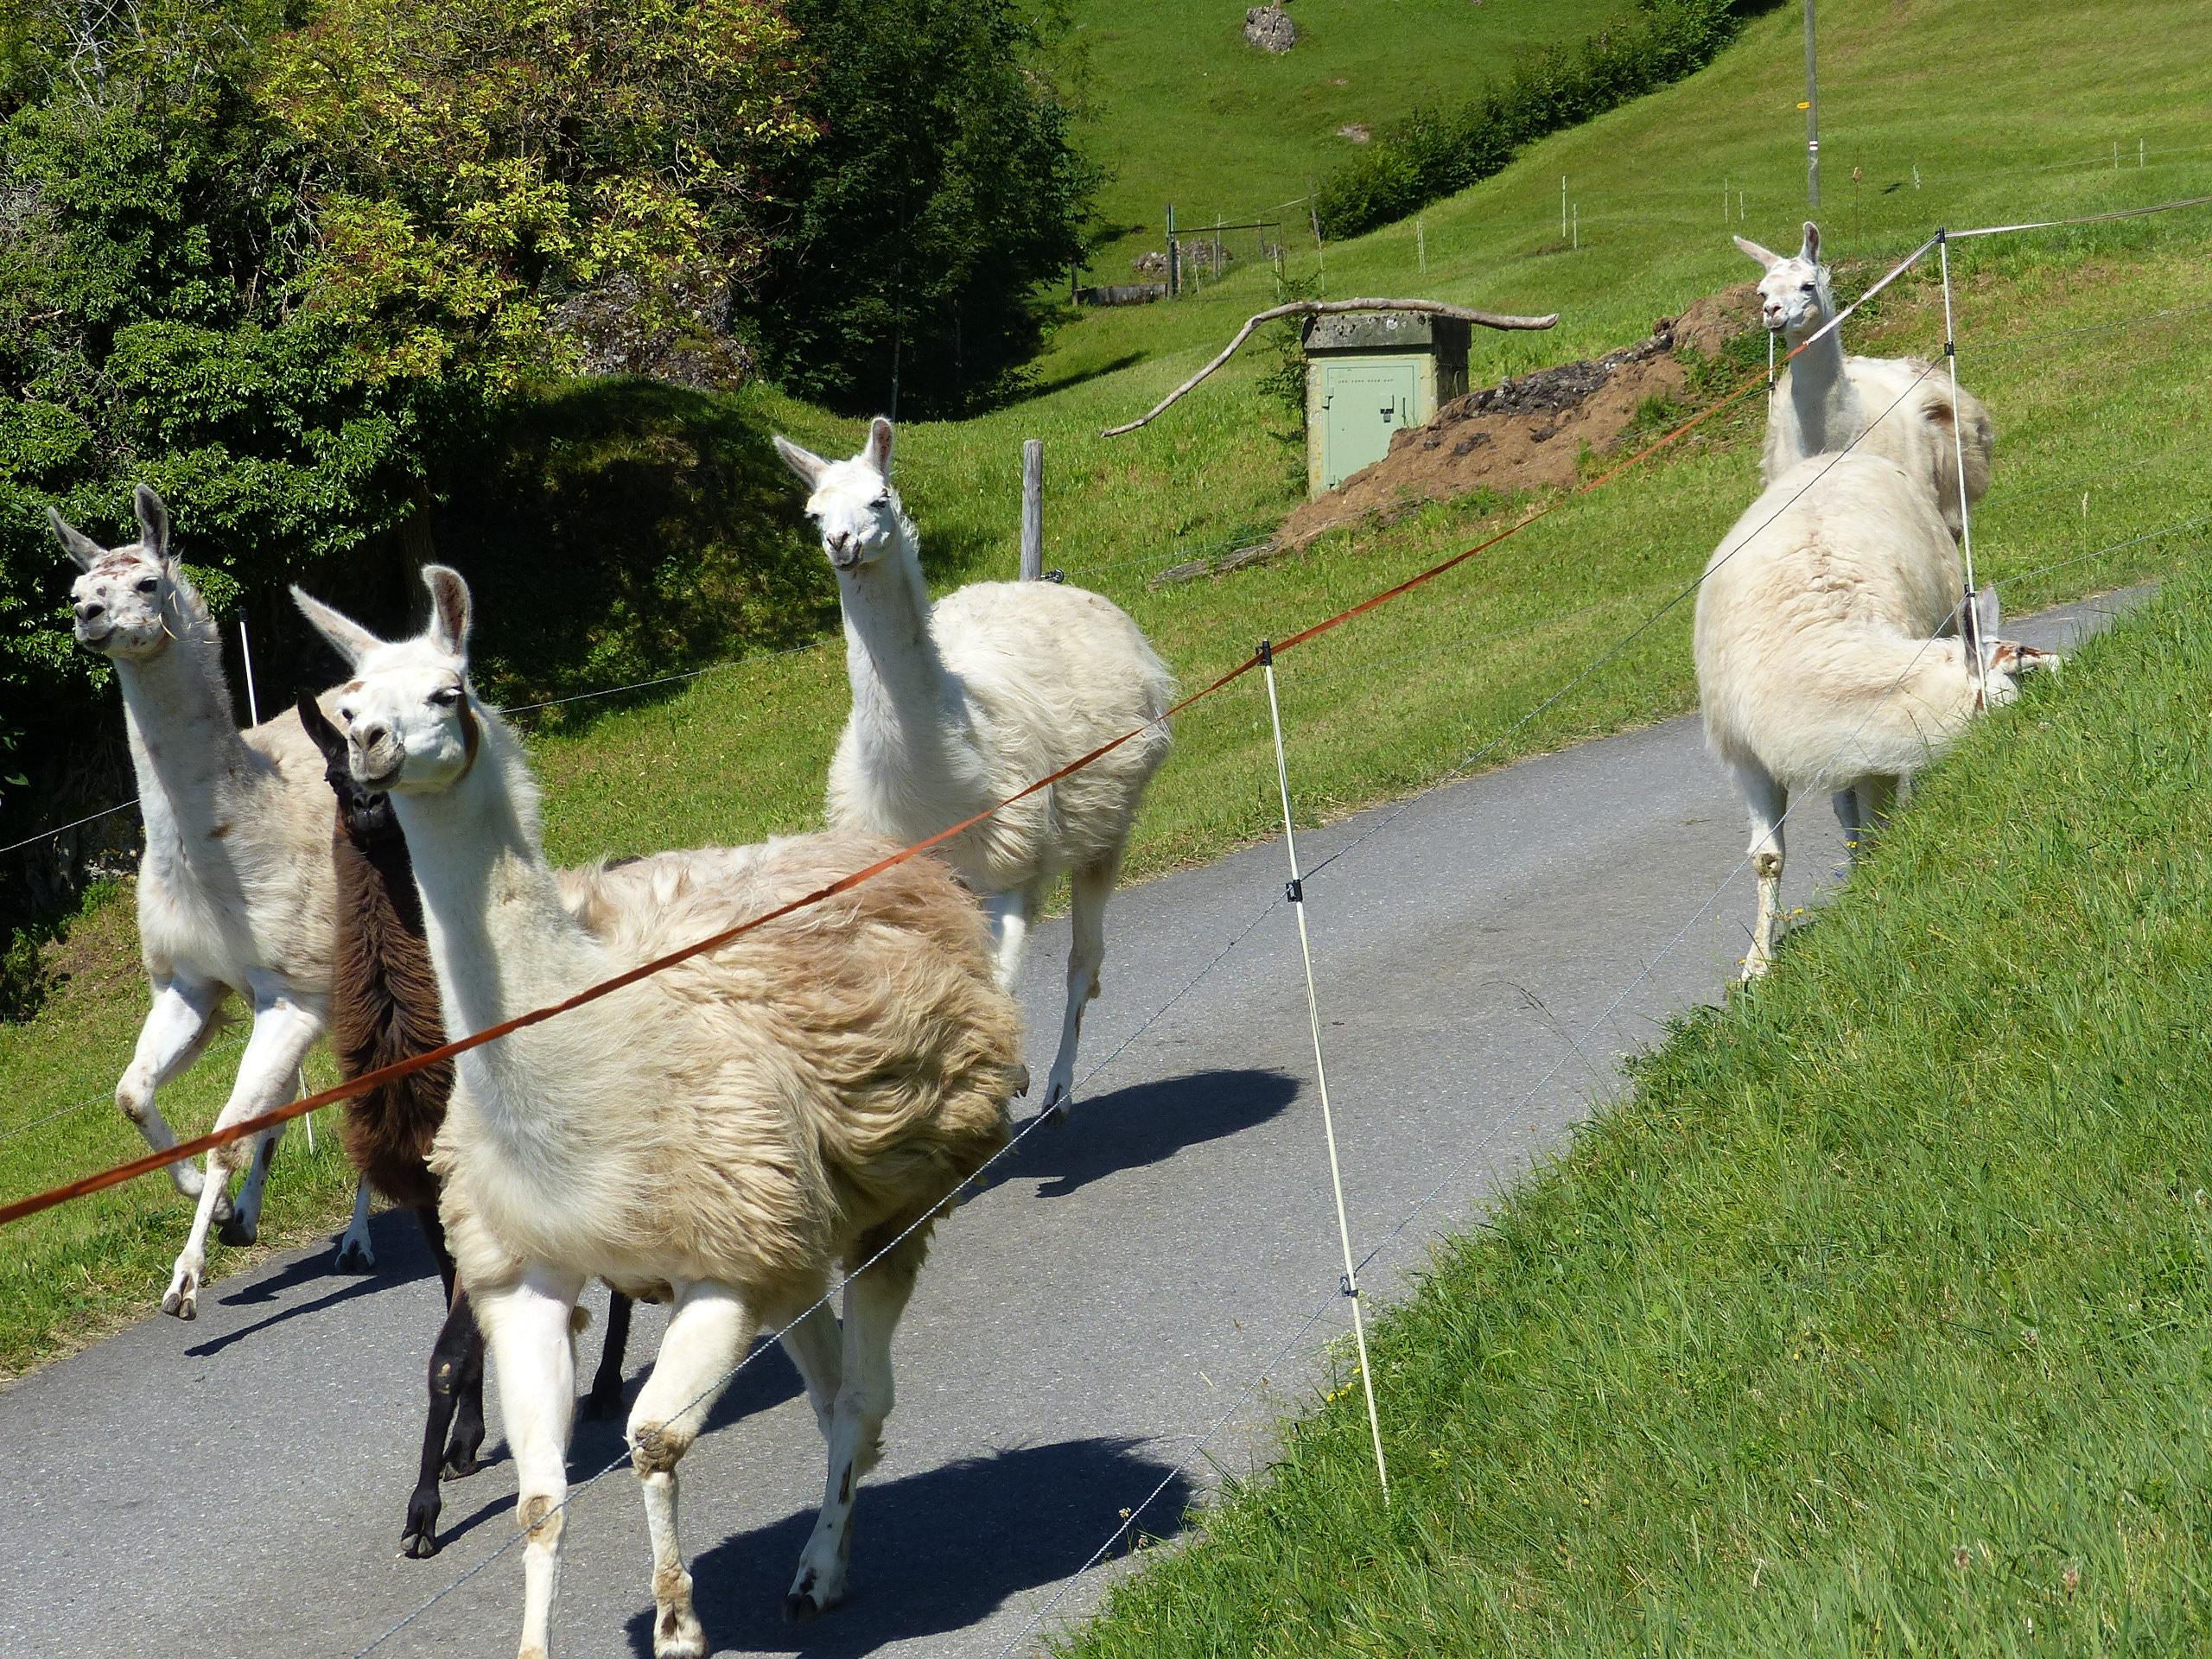 Im laufenden Galopp springen die Lamas von der Weide zurück in ihren Stall